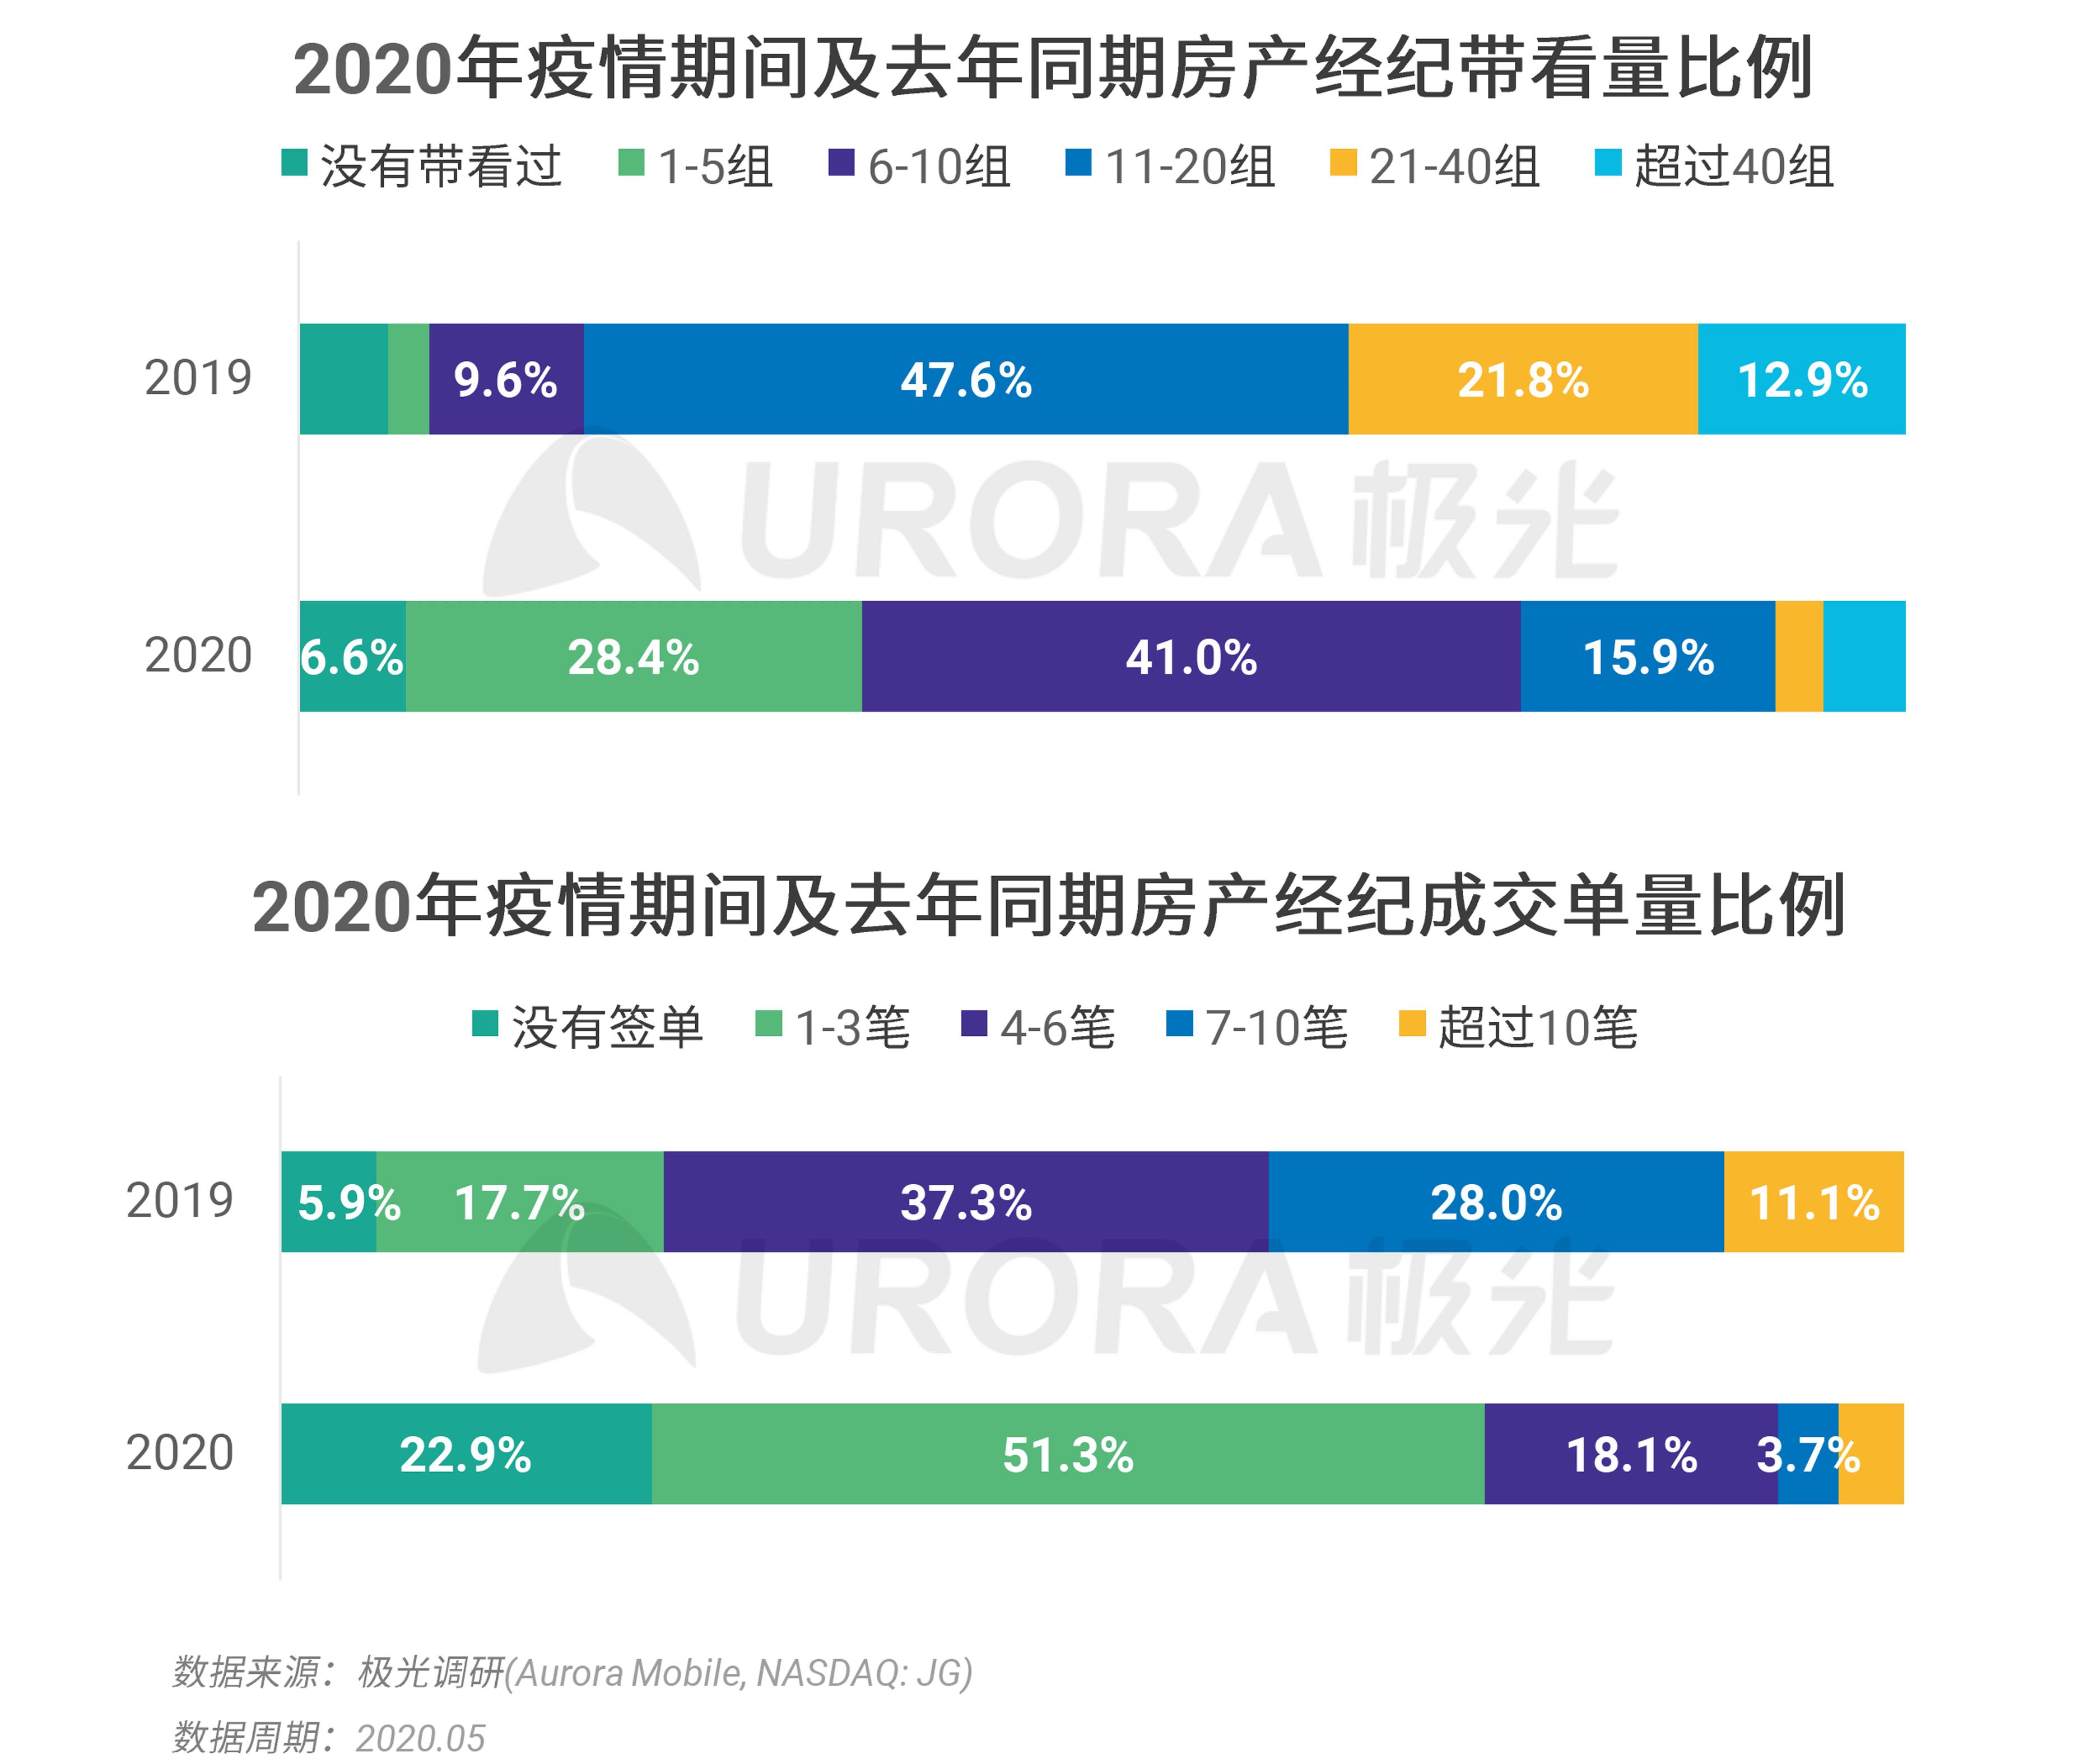 极光:2020年房产经纪行业和购房市场洞察报告 (11).png